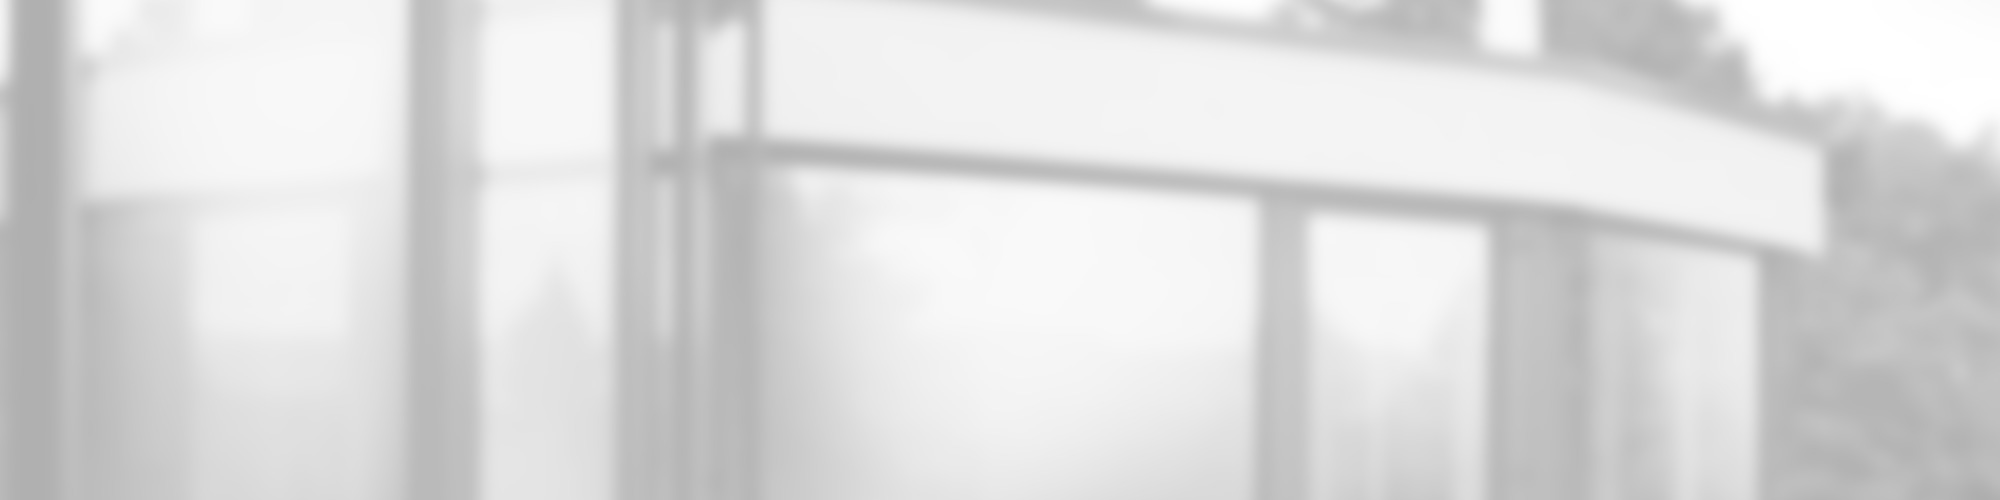 Full Size of Fenster Kunststoff Bauschreinerei Klein Gmbh Sichtschutz Für Aluminium Braun Insektenschutz Ohne Bohren Plissee Reinigen Austauschen Kosten Jalousie Stores Fenster Fenster Kunststoff